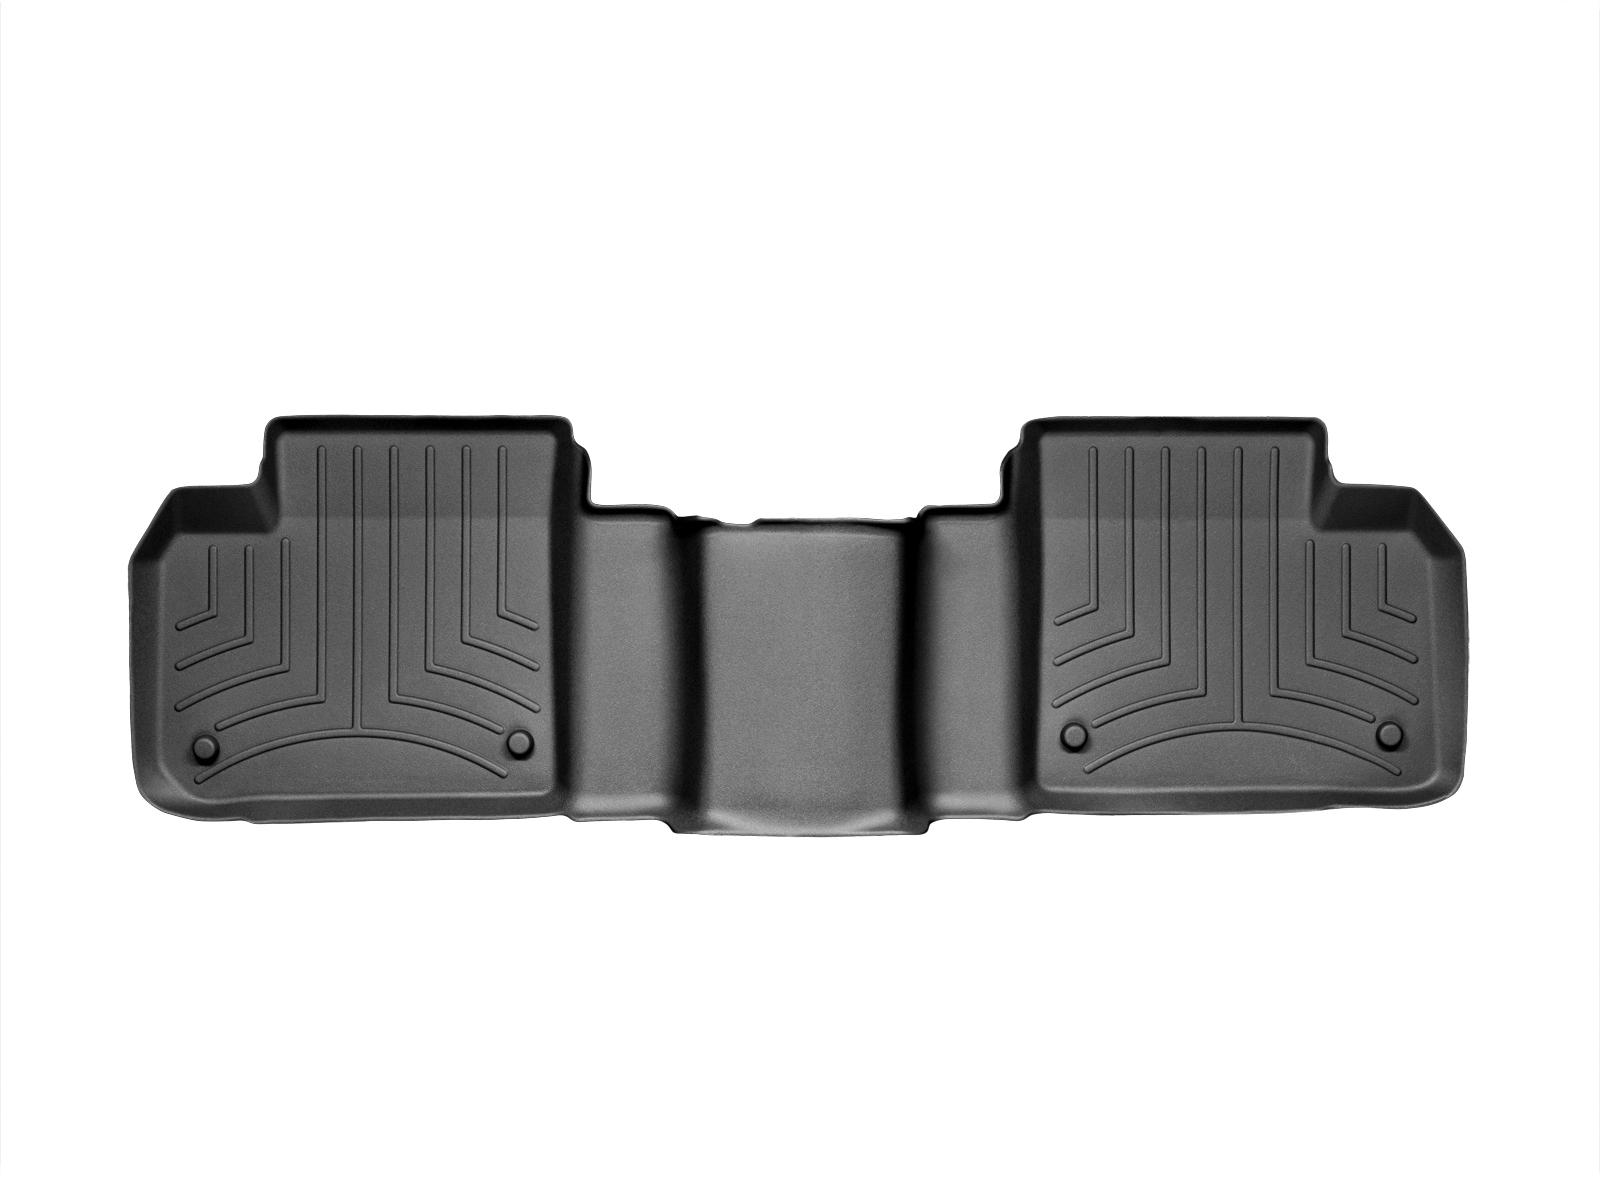 Tappeti gomma su misura bordo alto Mercedes ML-Class 12>15 Nero A2542